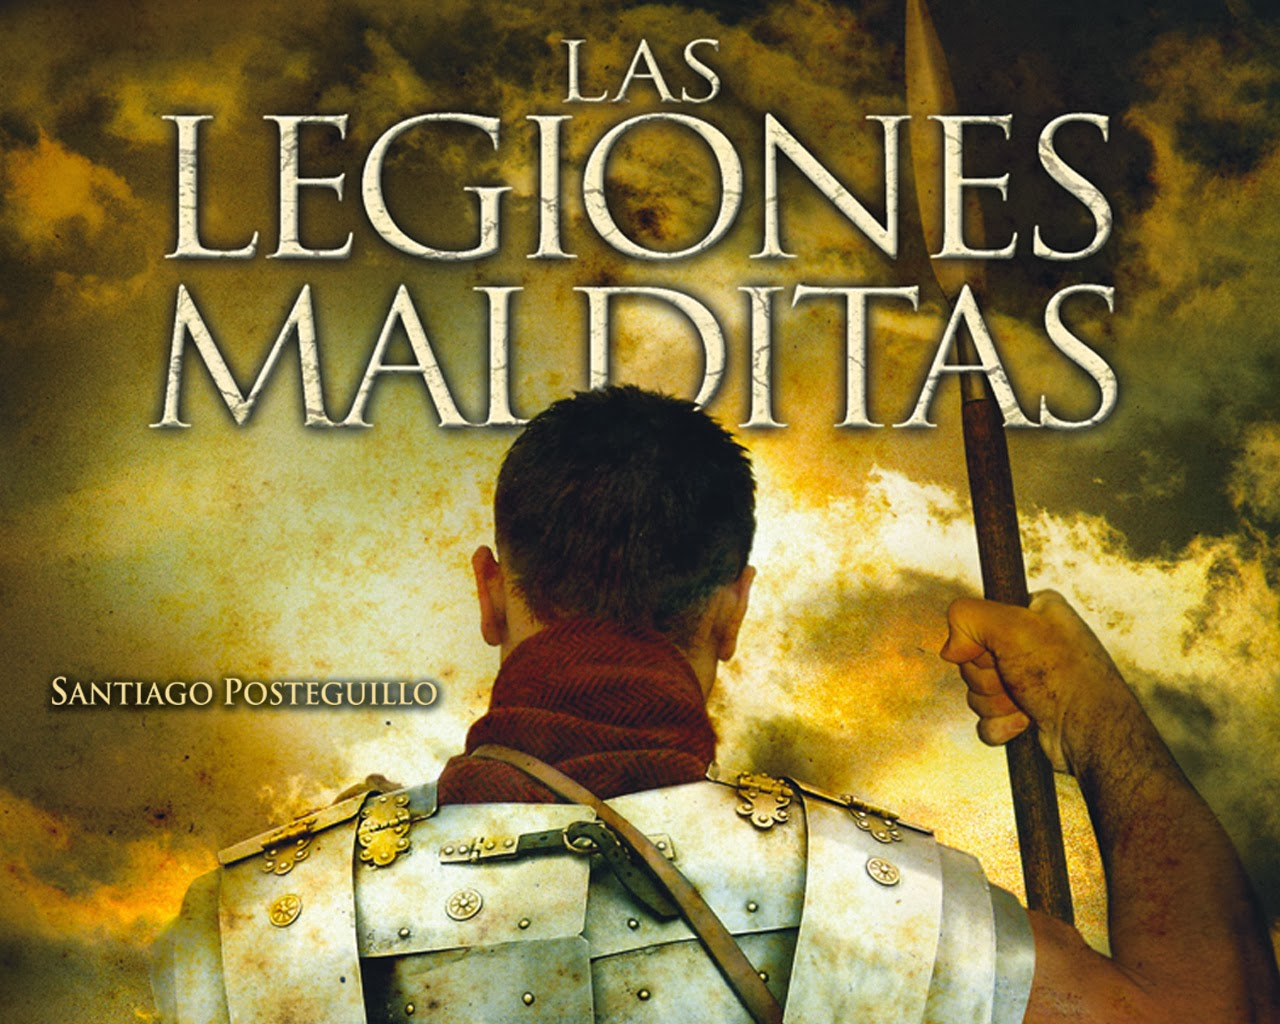 Legionesmalditas1280x1024